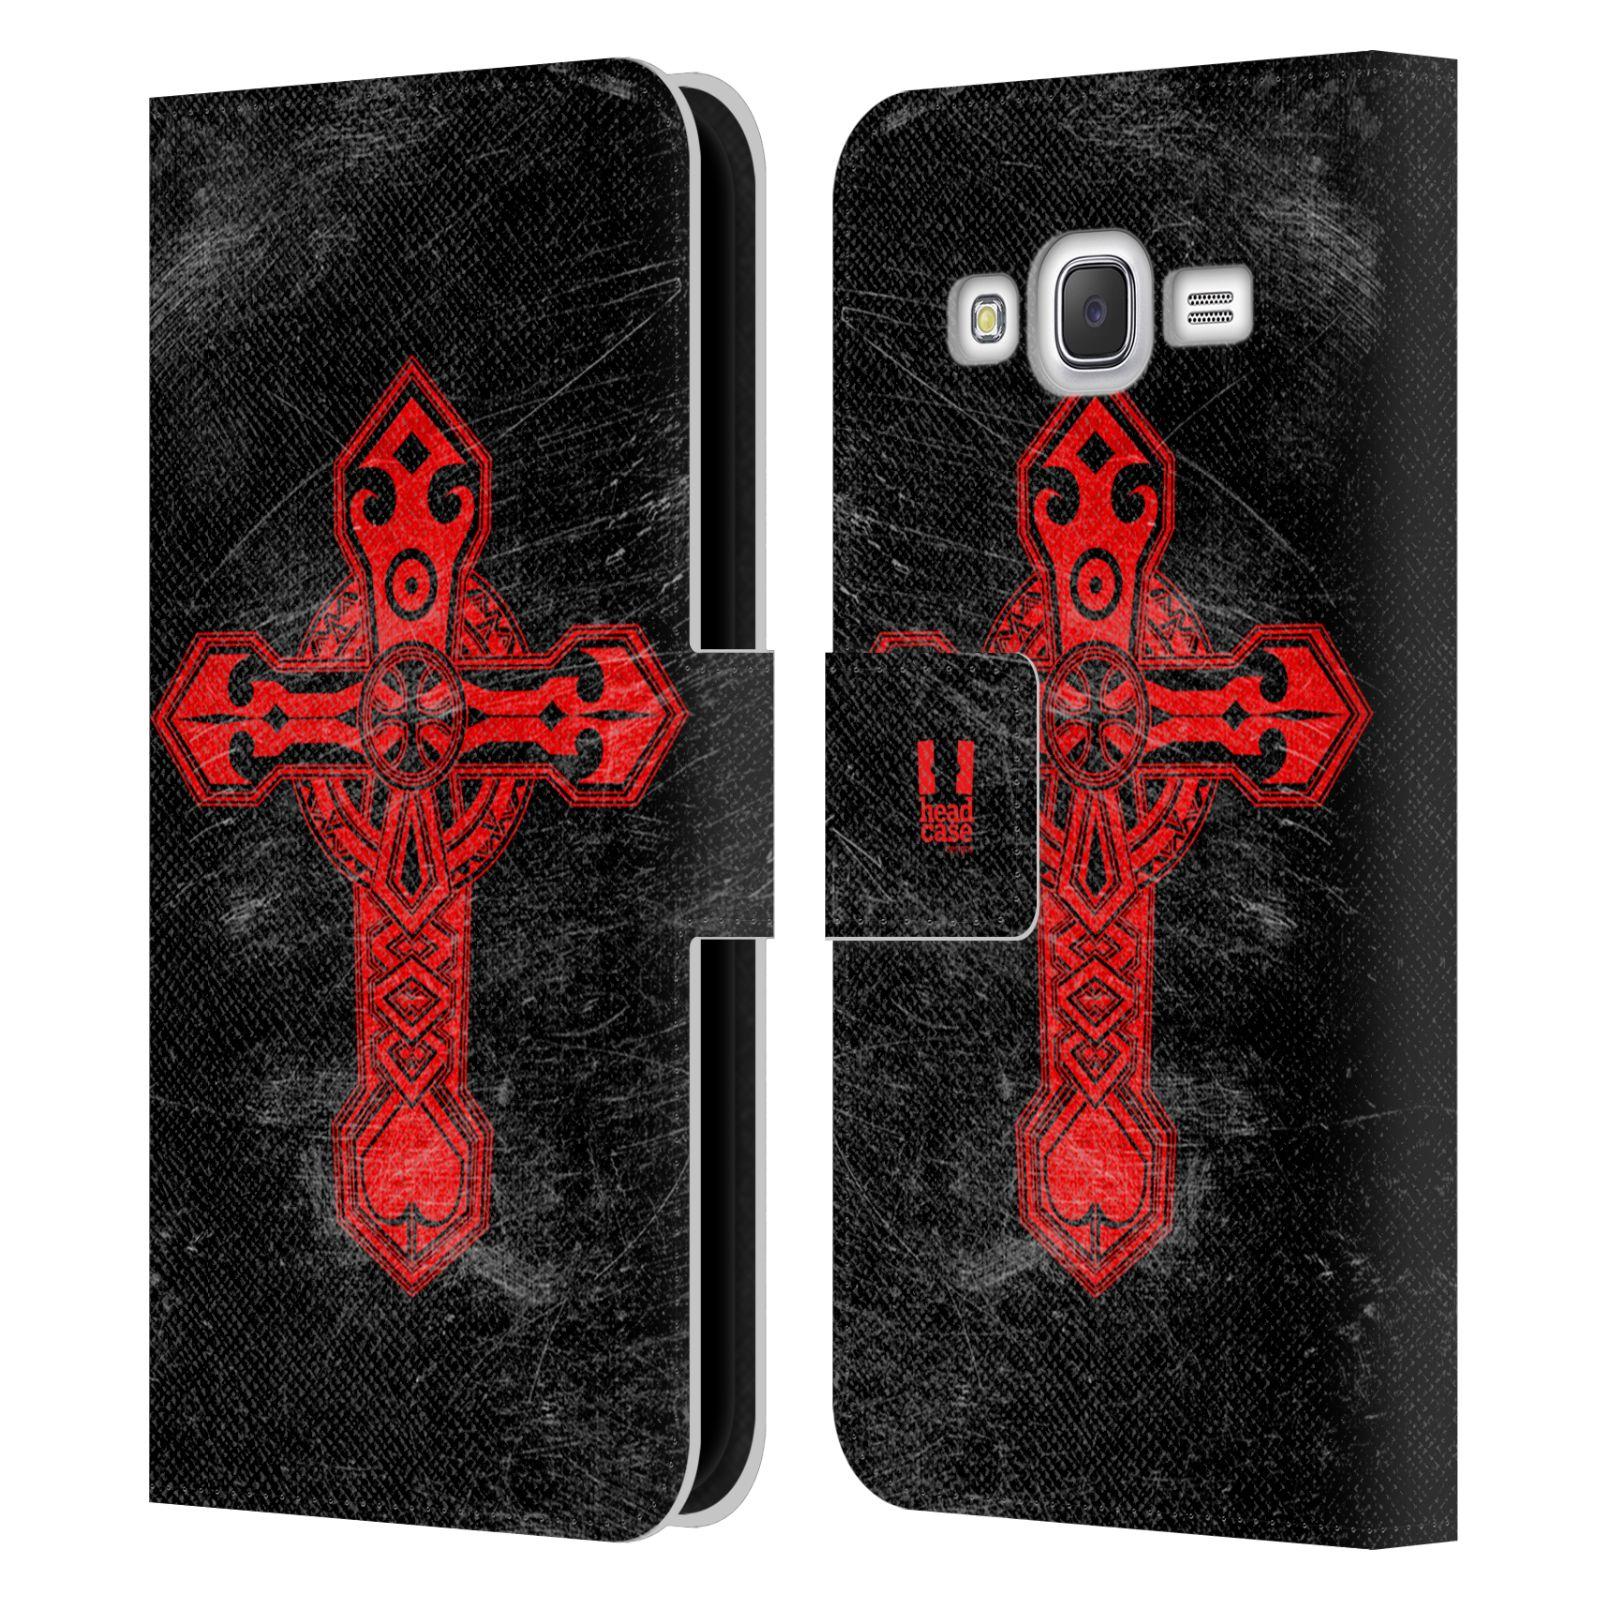 HEAD CASE Flipové pouzdro pro mobil Samsung Galaxy J5 (J500) / J5 DUOS barevný kříž červená